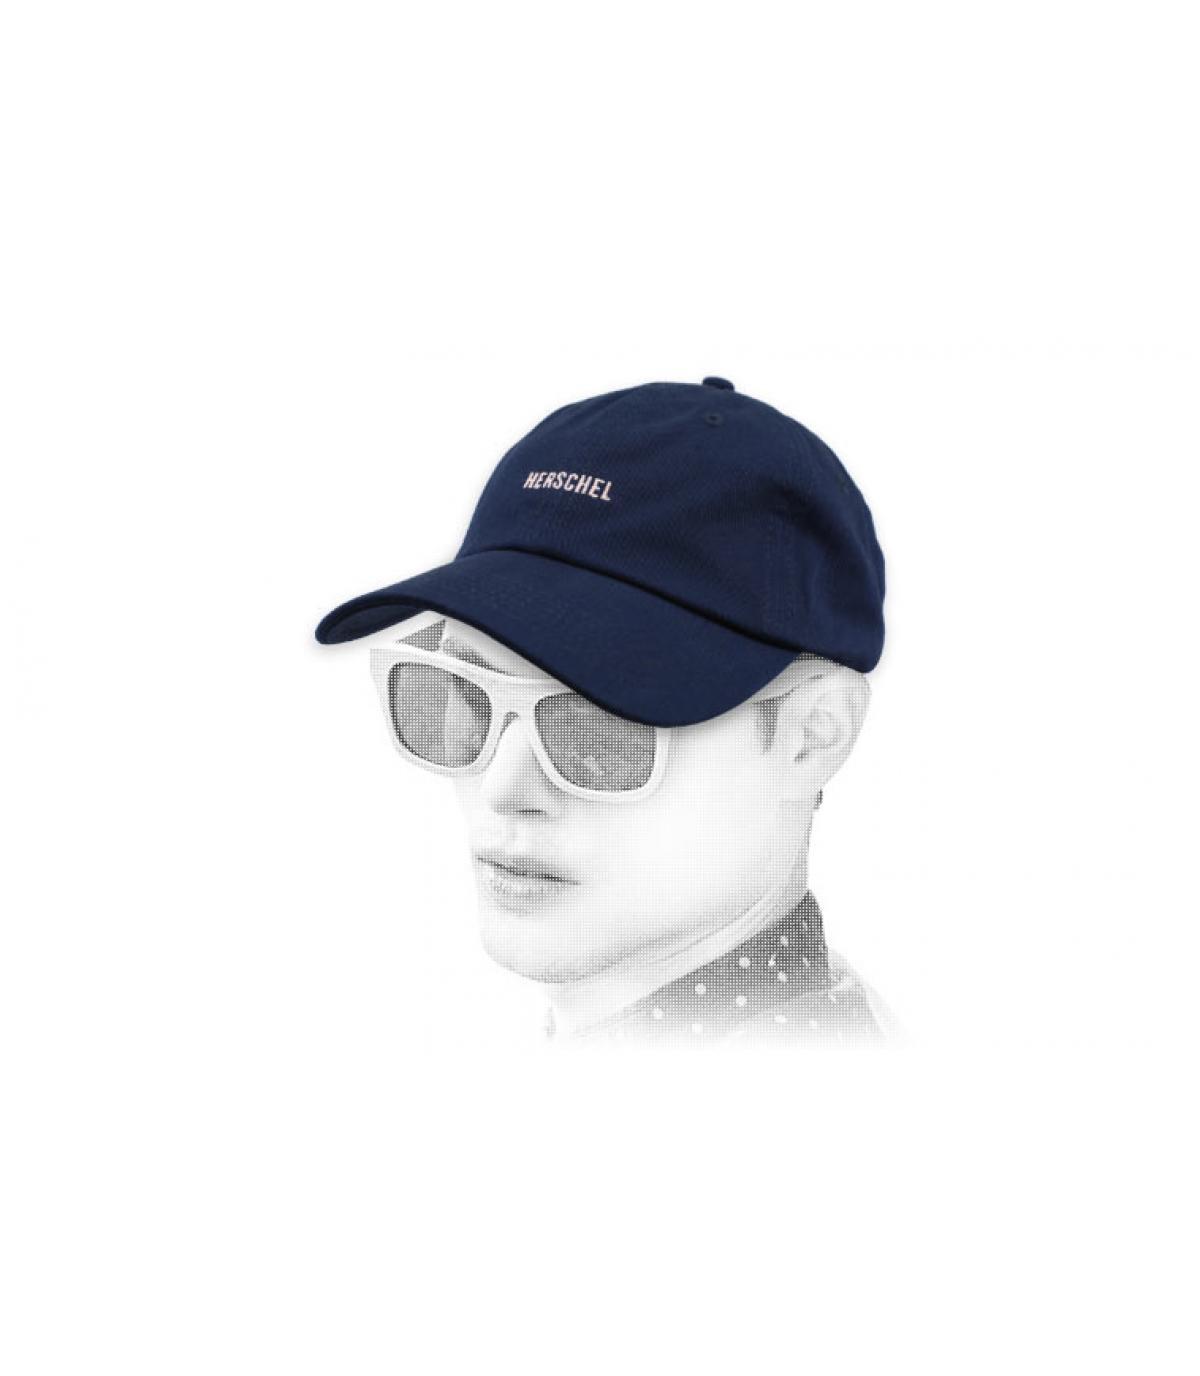 navy Herschel cap